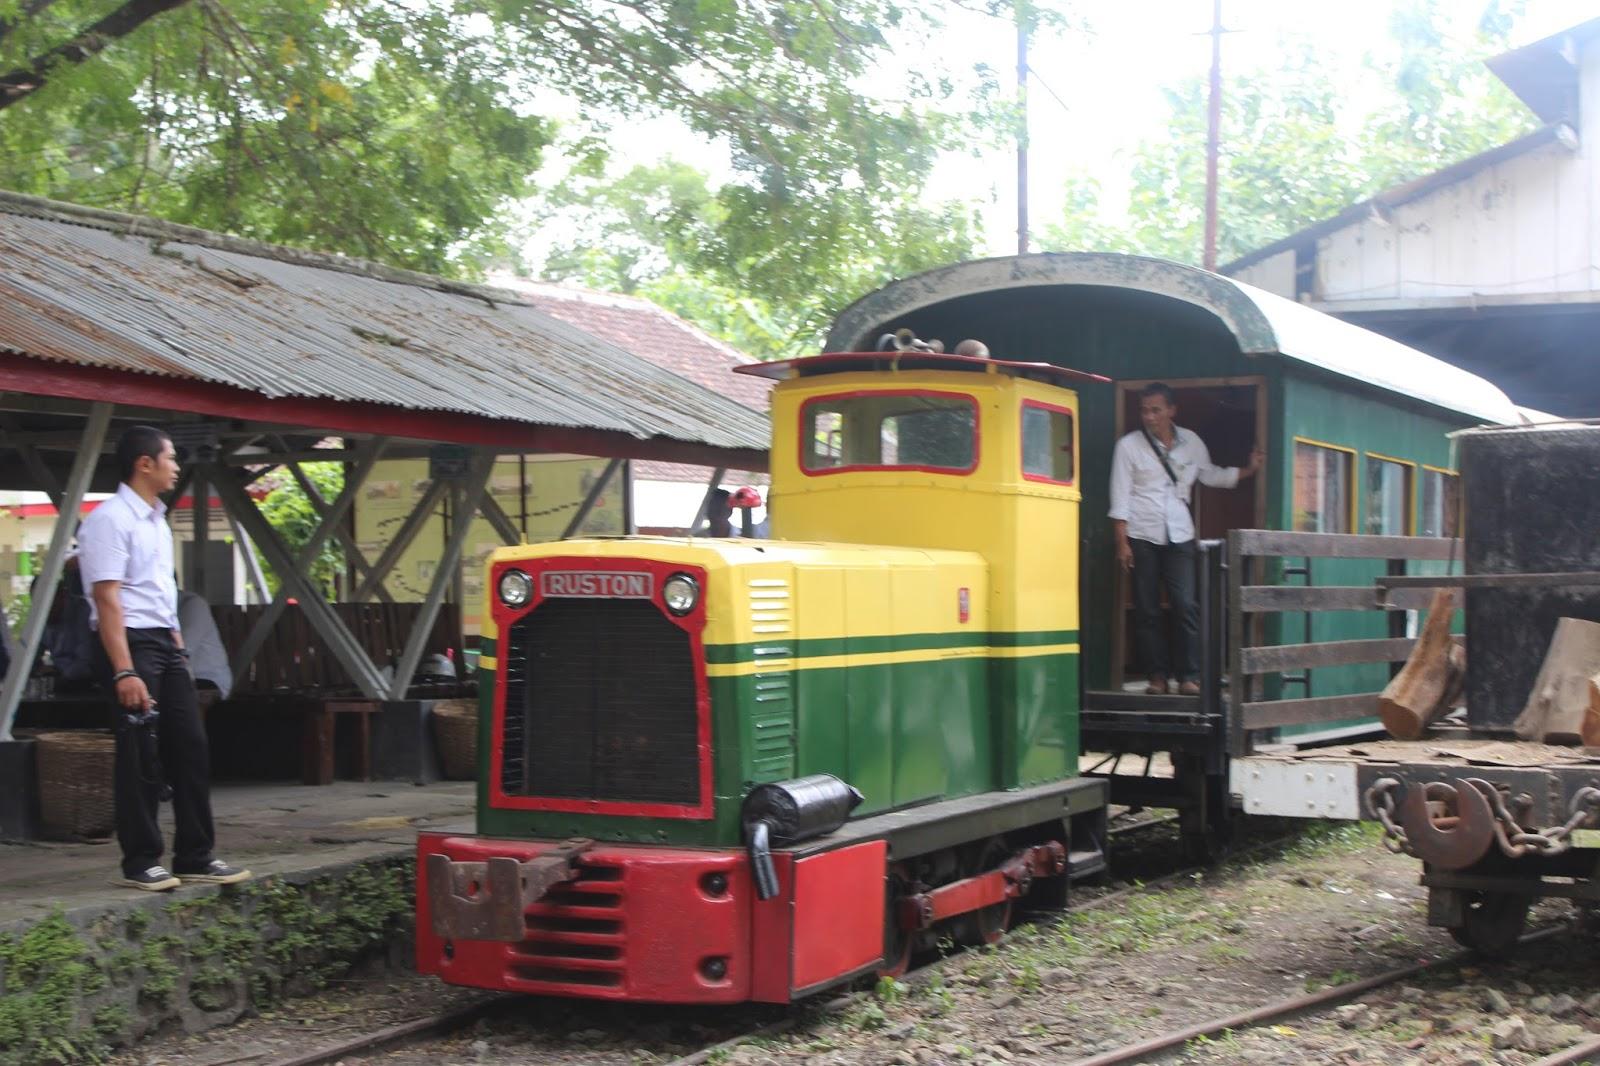 Dilaunching Heritage Loko Tour Kereta Uap Jadi Ikon Wisata Ruston